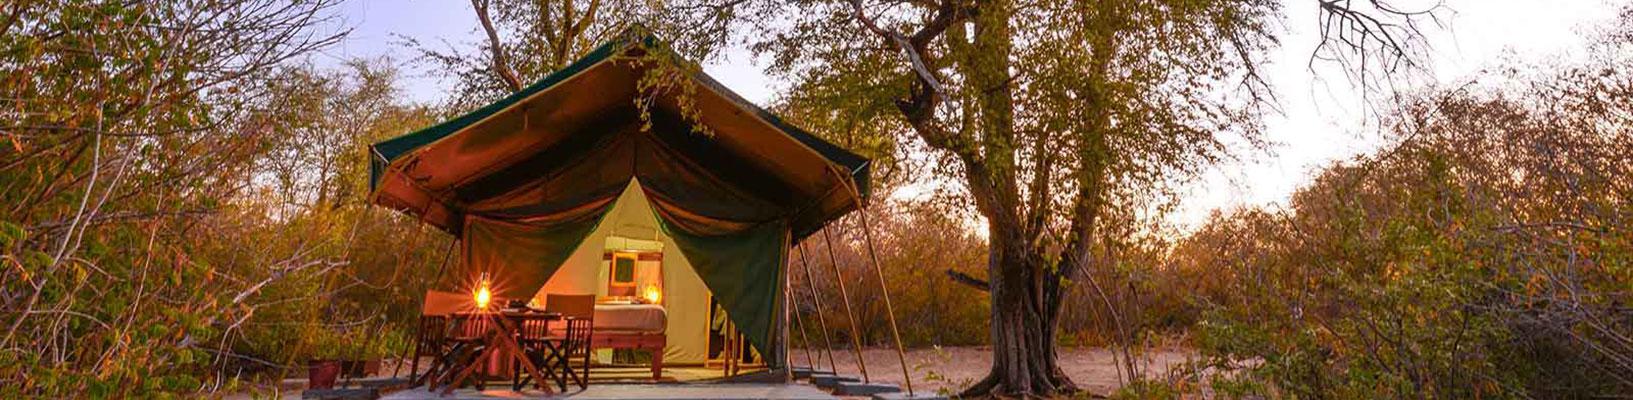 1-tuskers-bush-camp-tent2.jpg